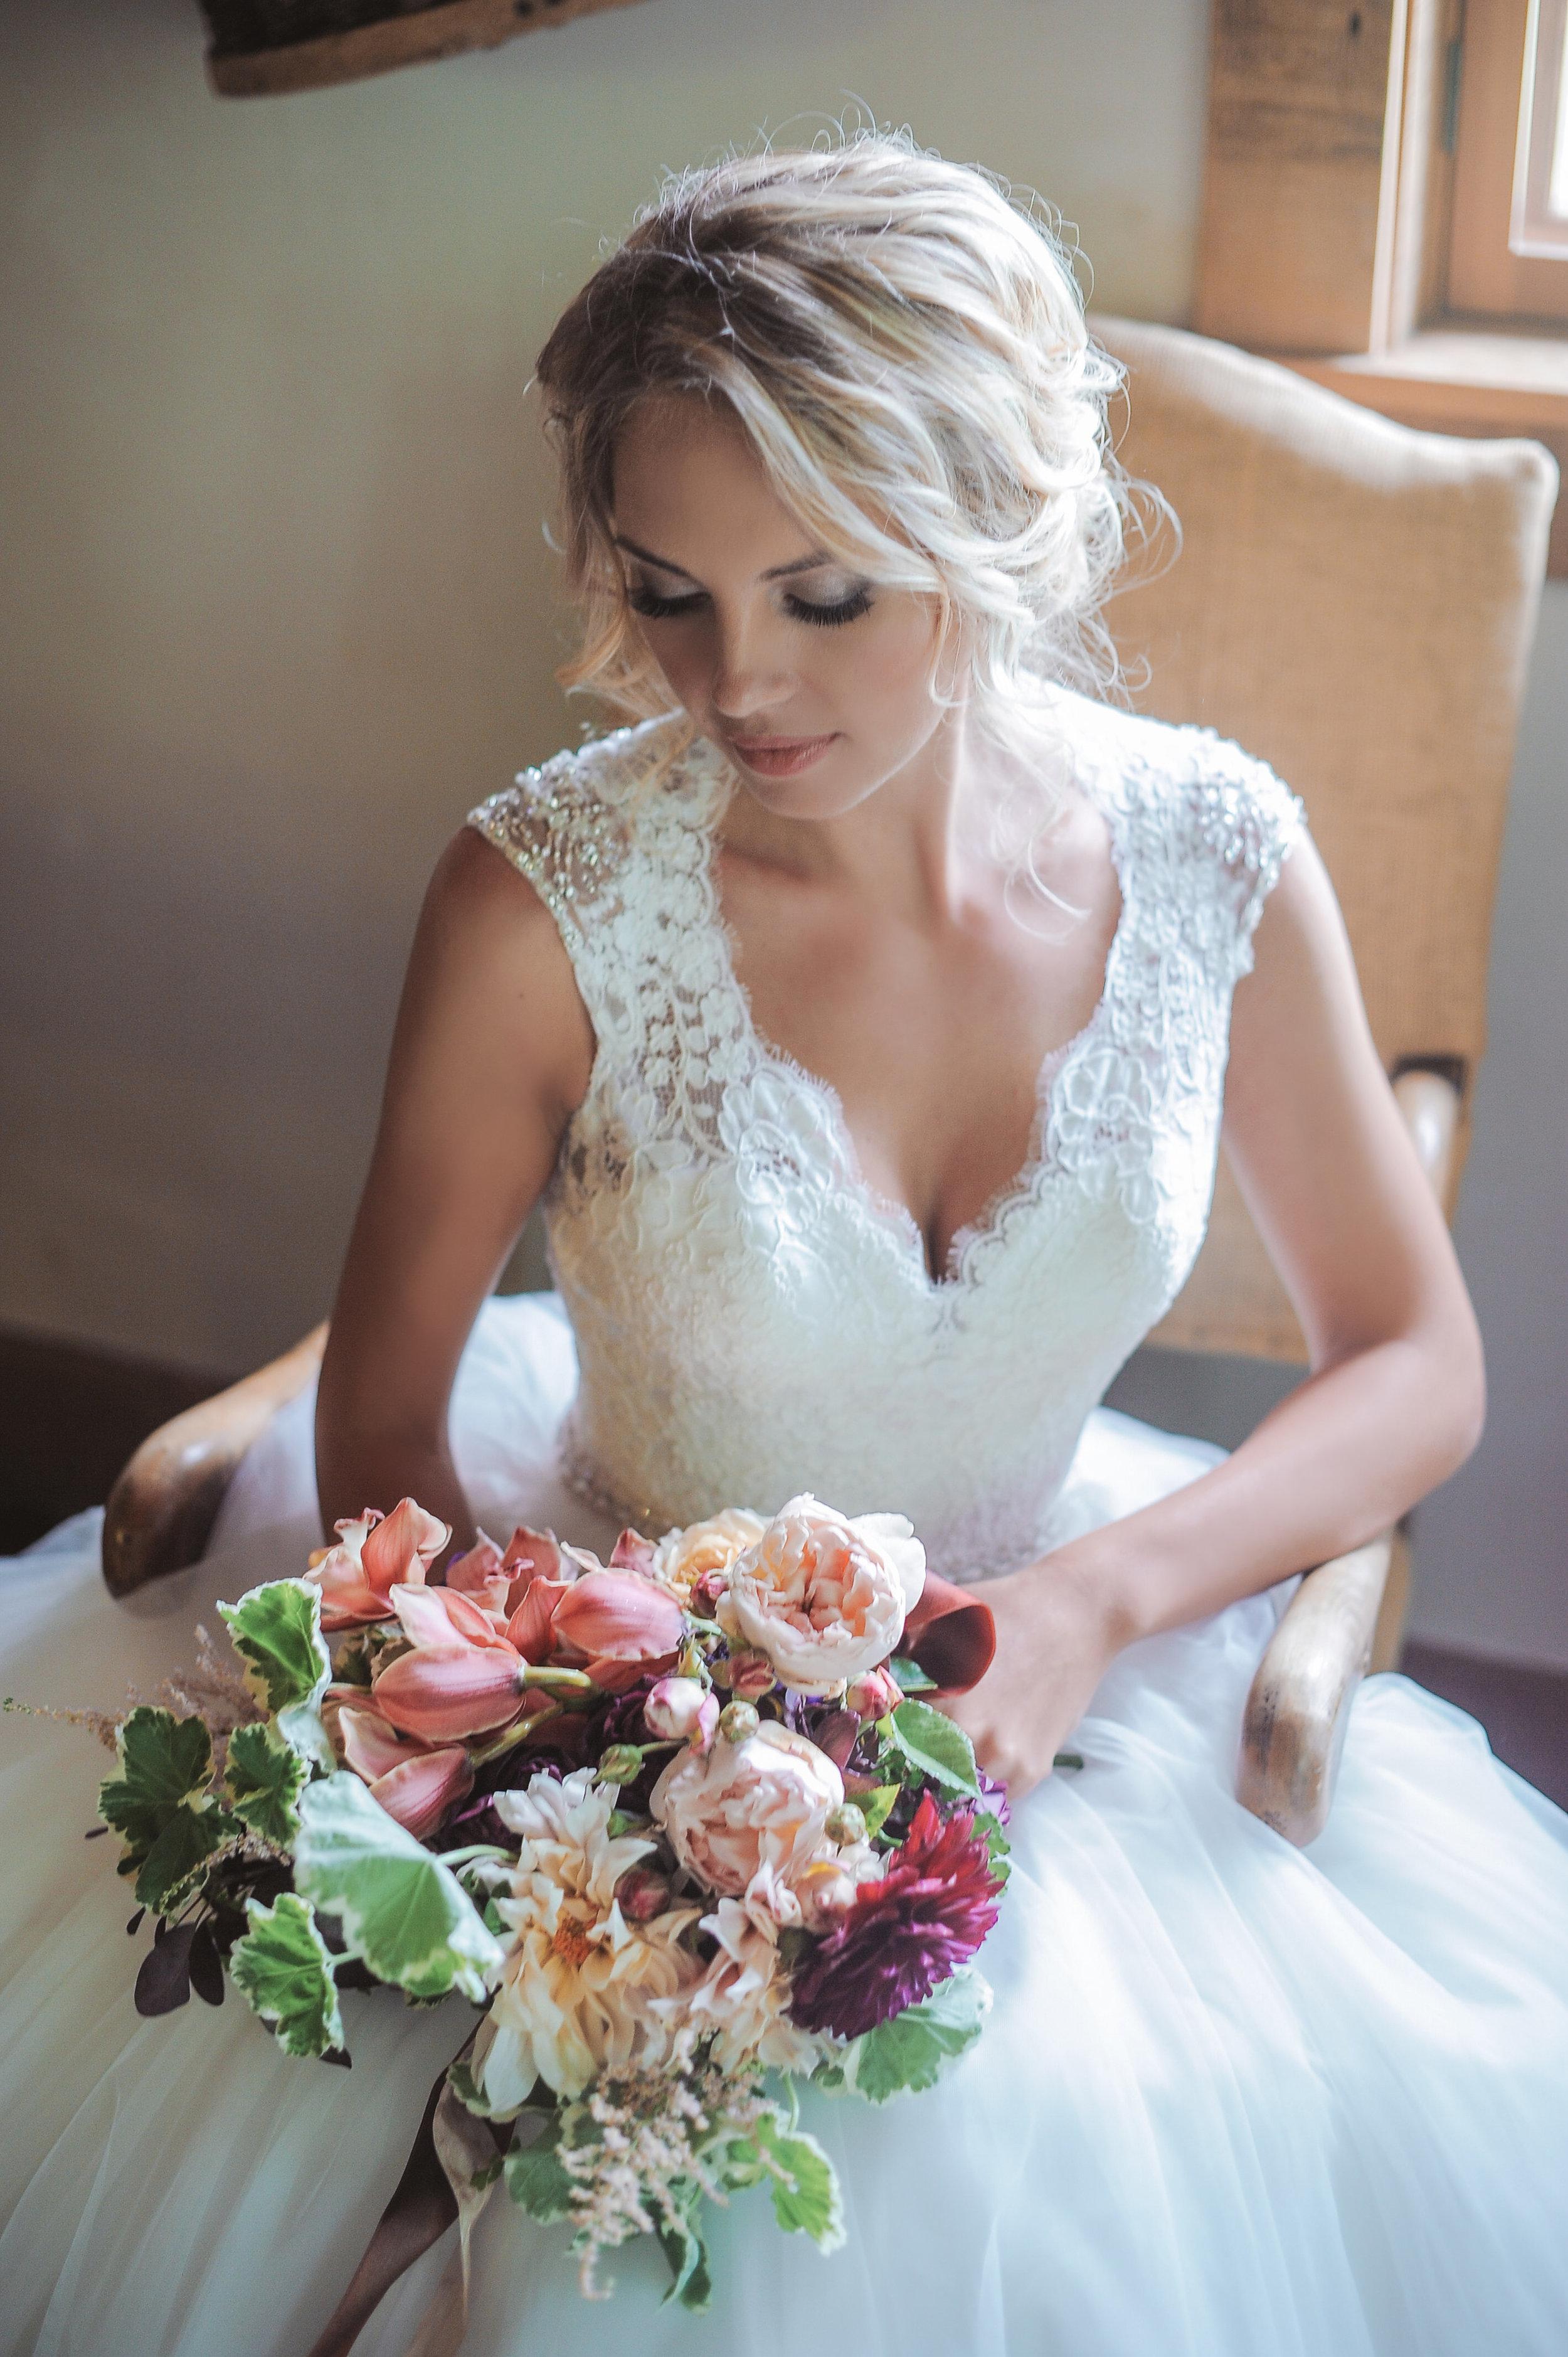 N K wedding-1 Getting Ready-0176.jpg